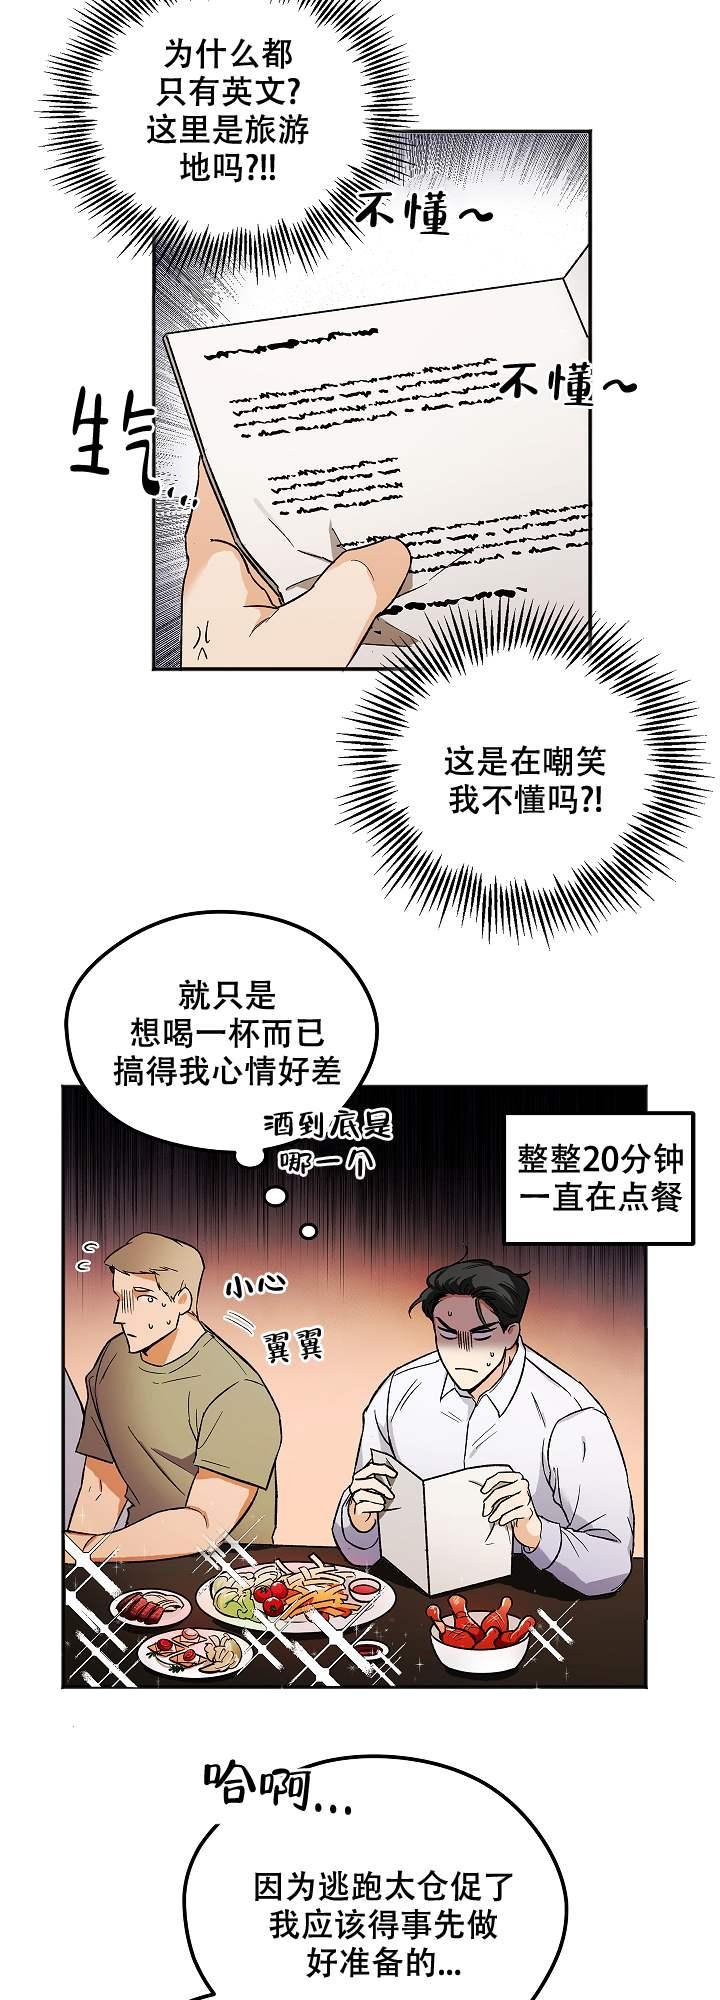 韩漫 |《黑帮大佬也辞职》落跑黑帮大佬,遇见真命天子!  第15张